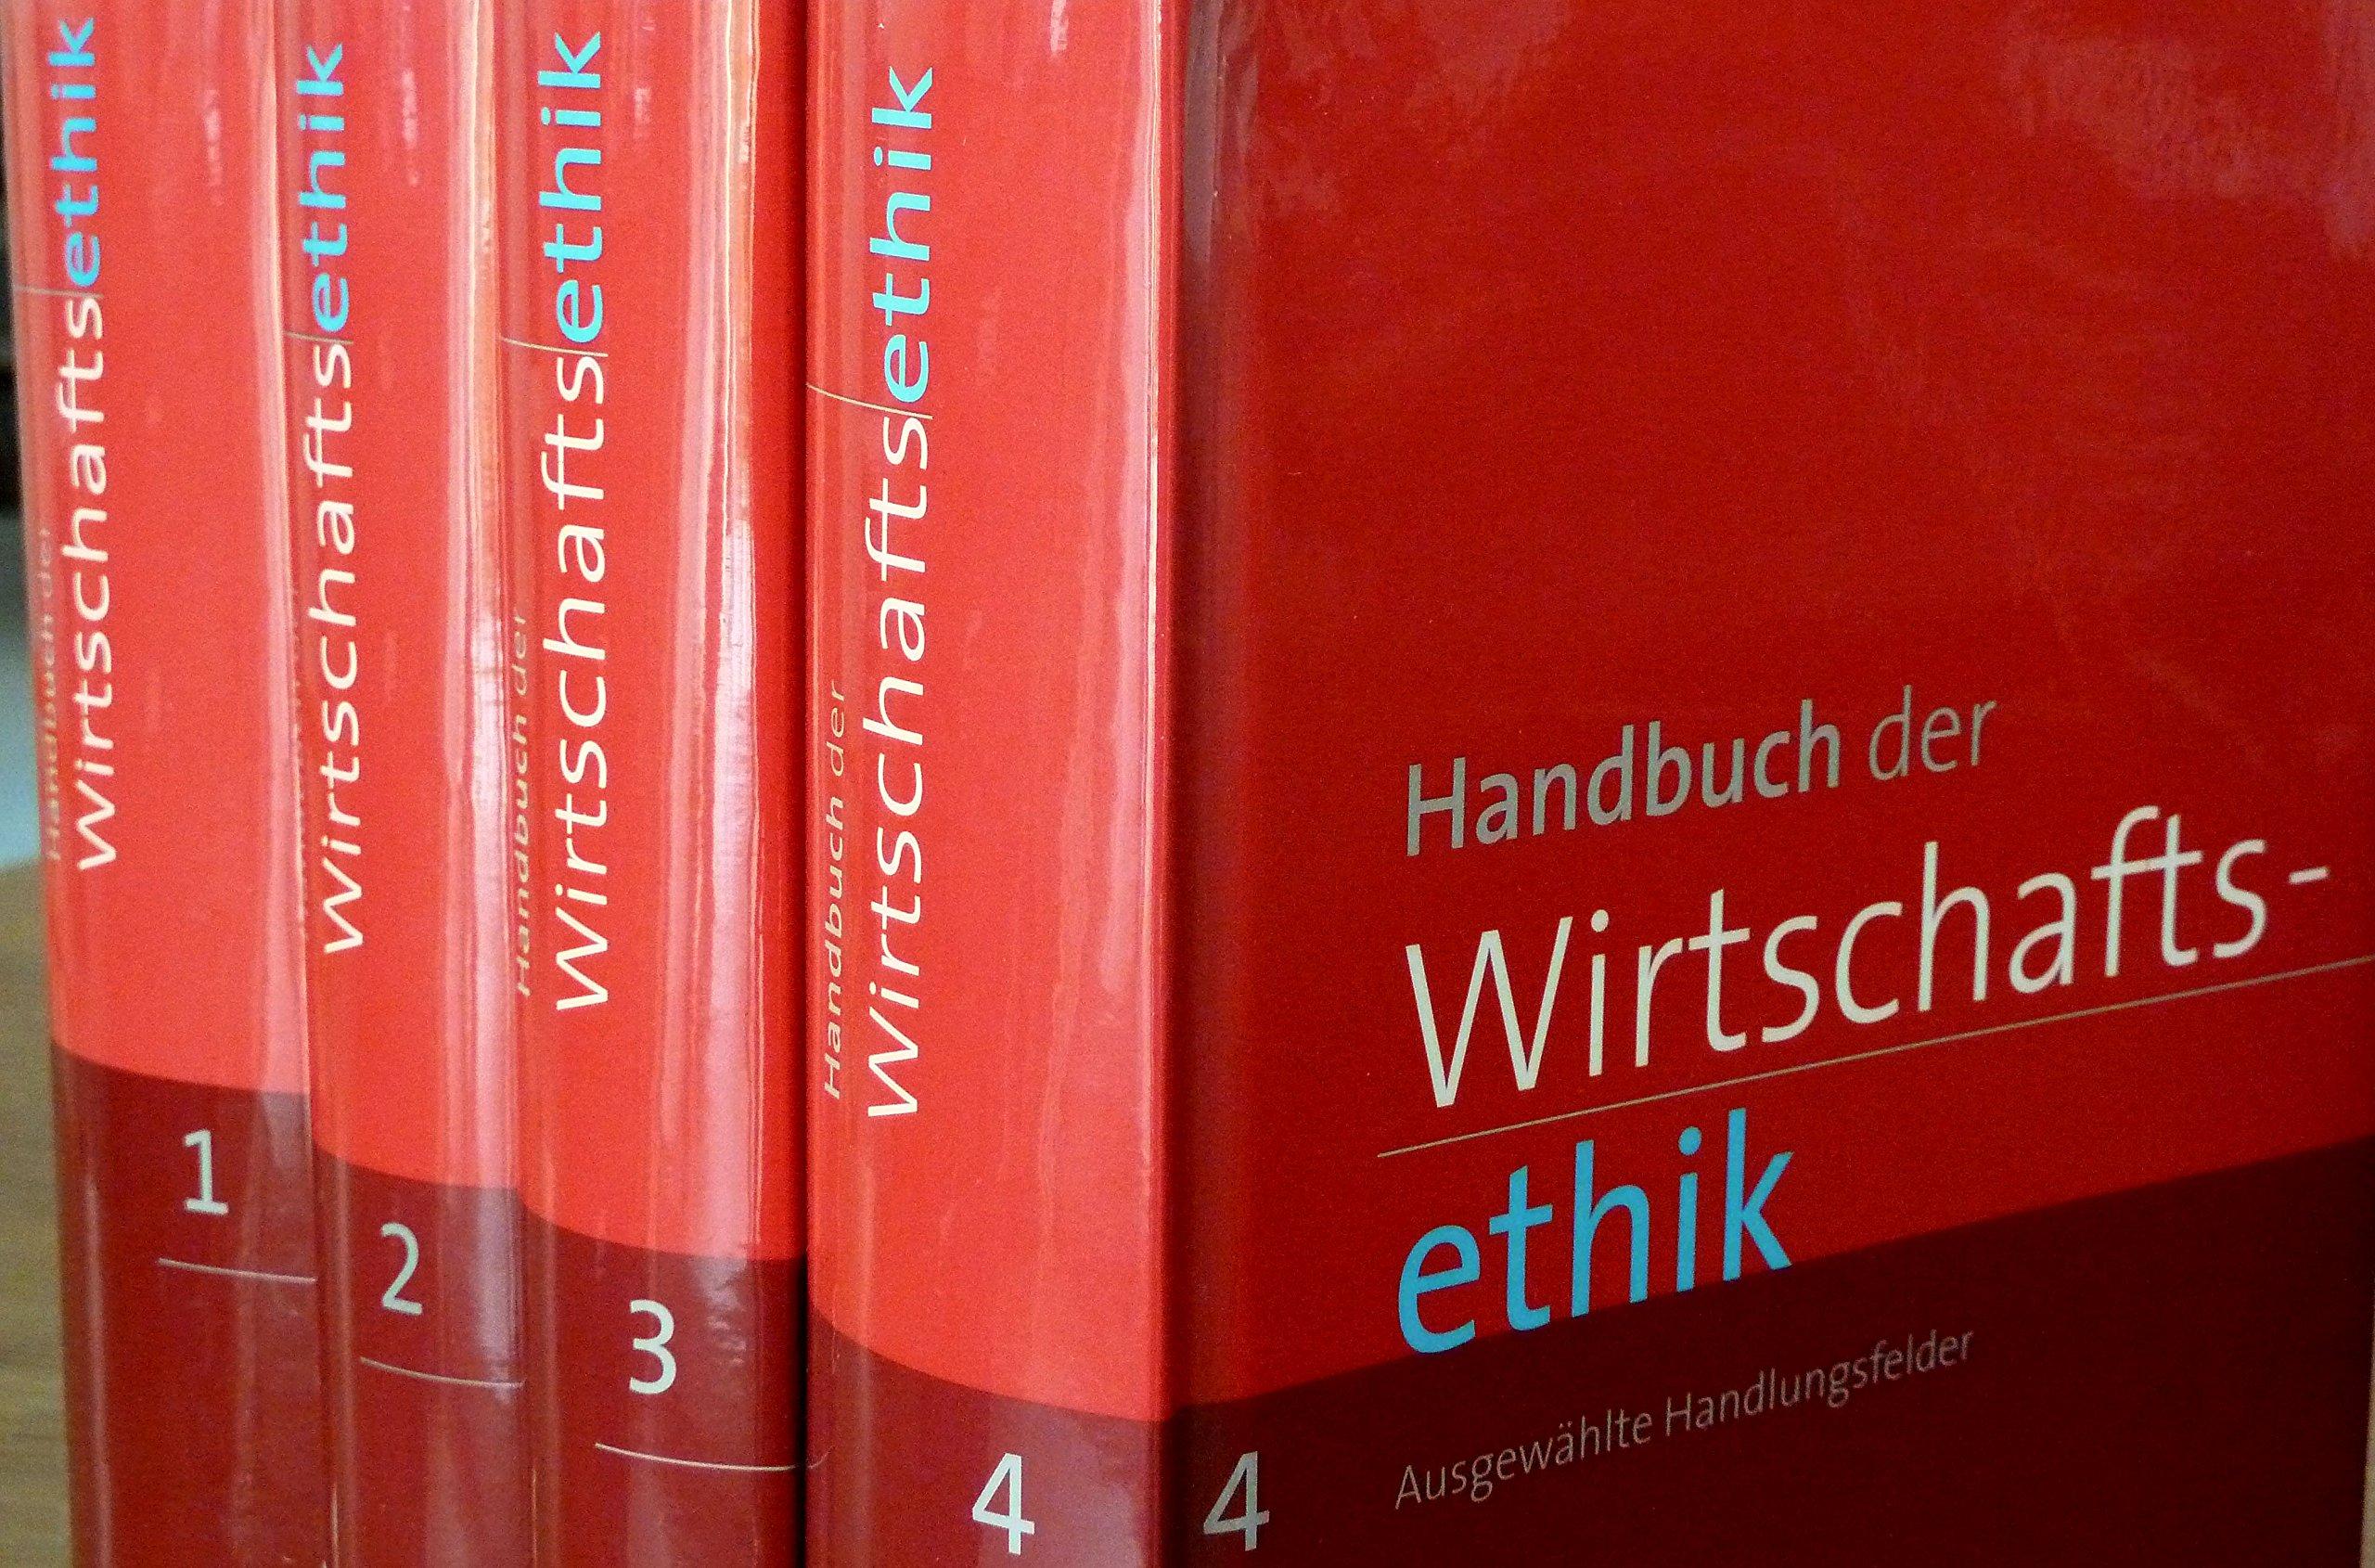 Handbuch der Wirtschaftsethik